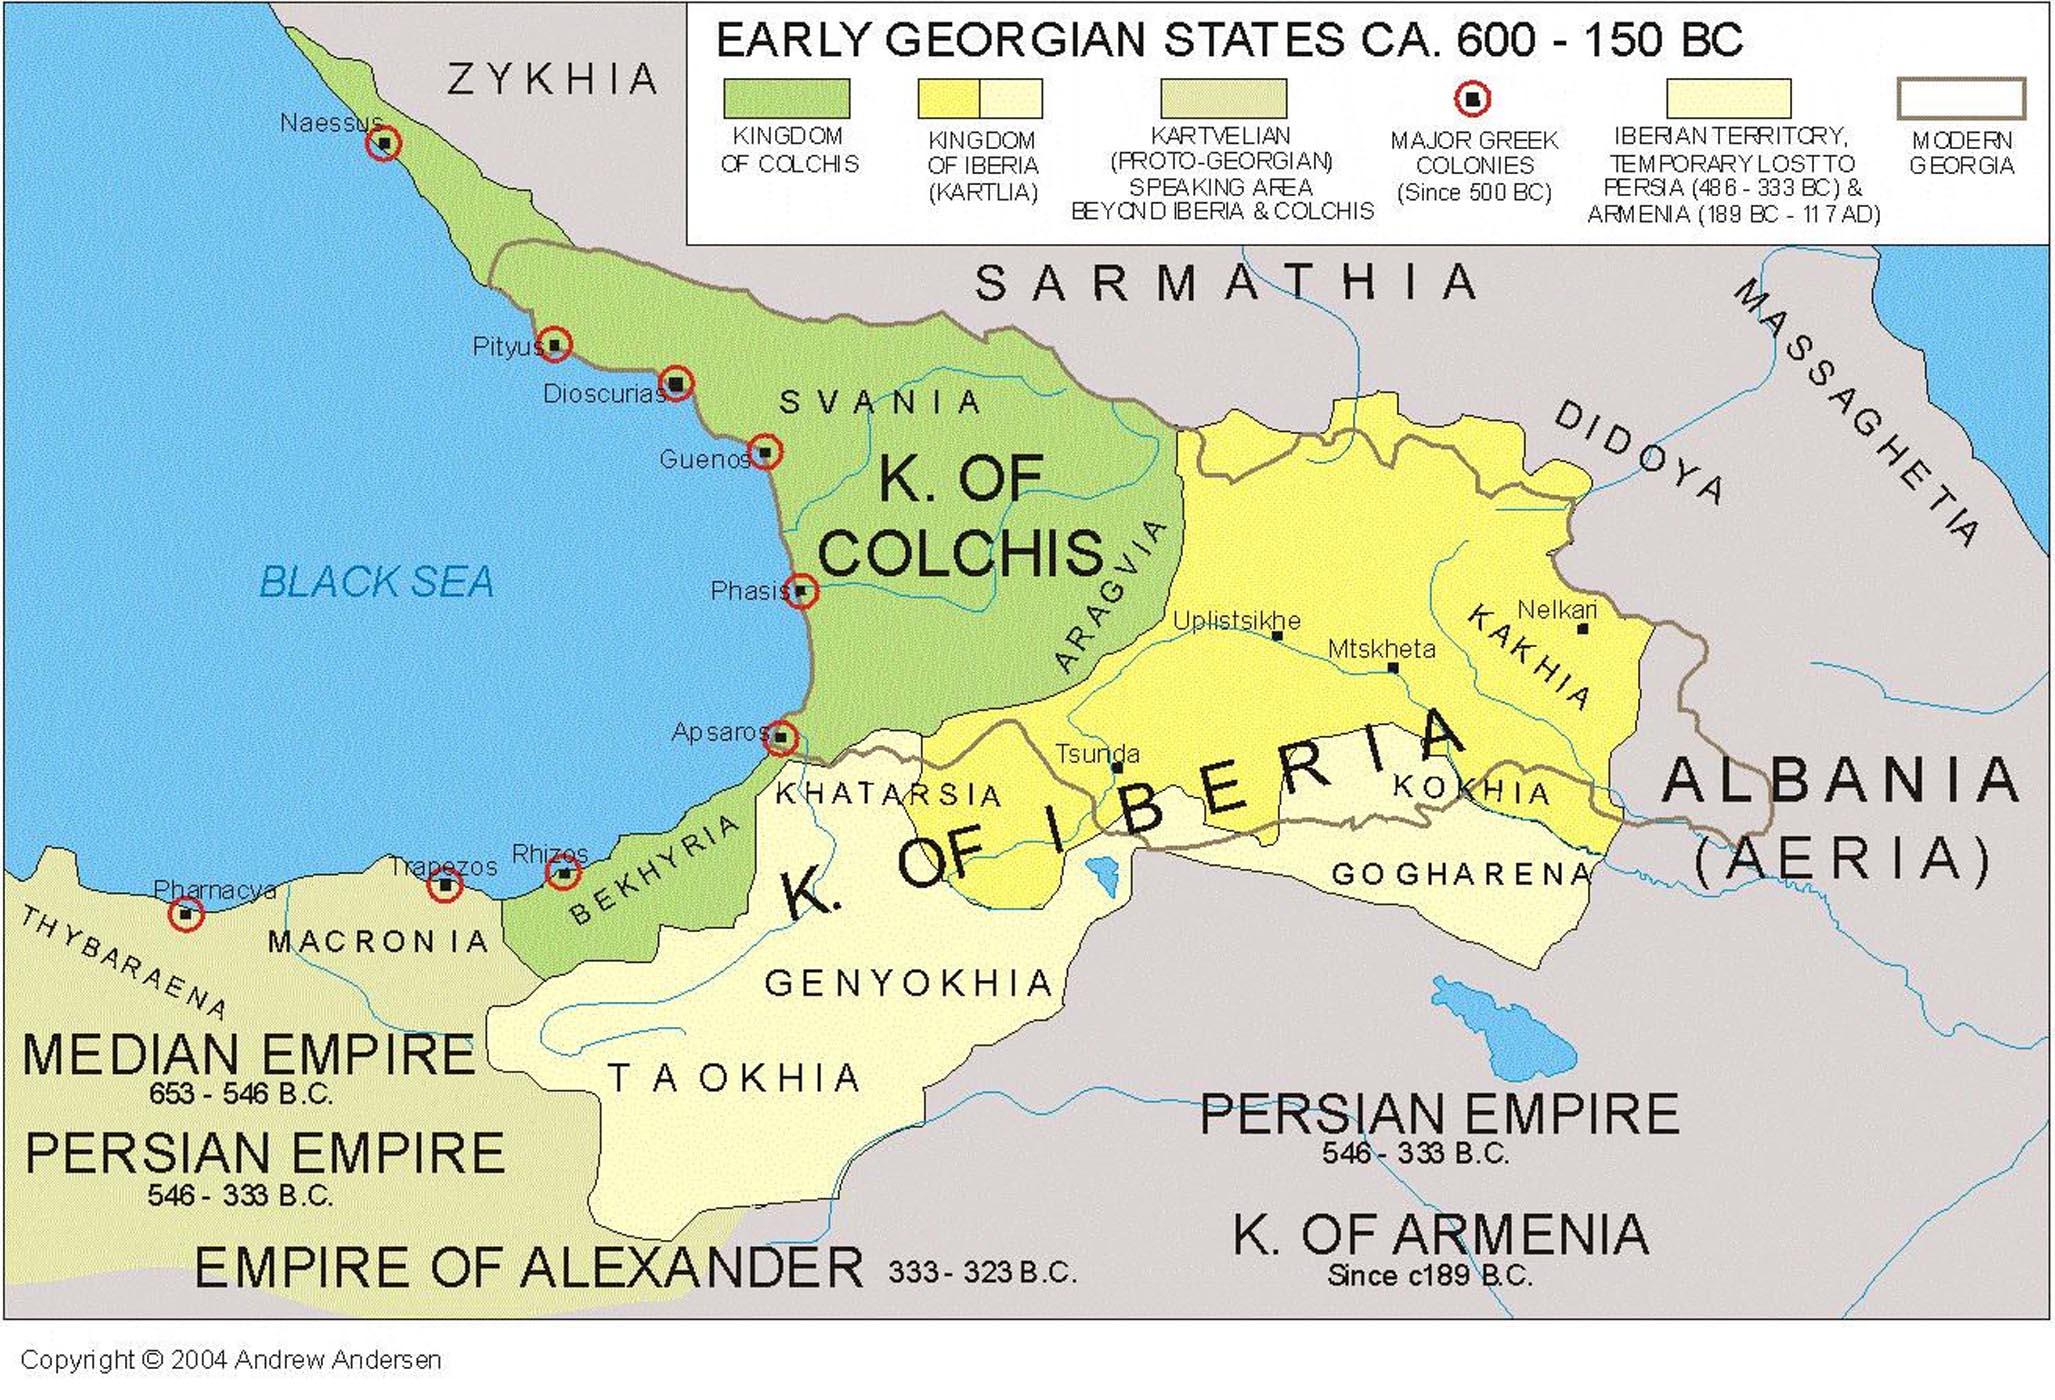 Index Of GeorgiaGEMaps - Georgia map 1921